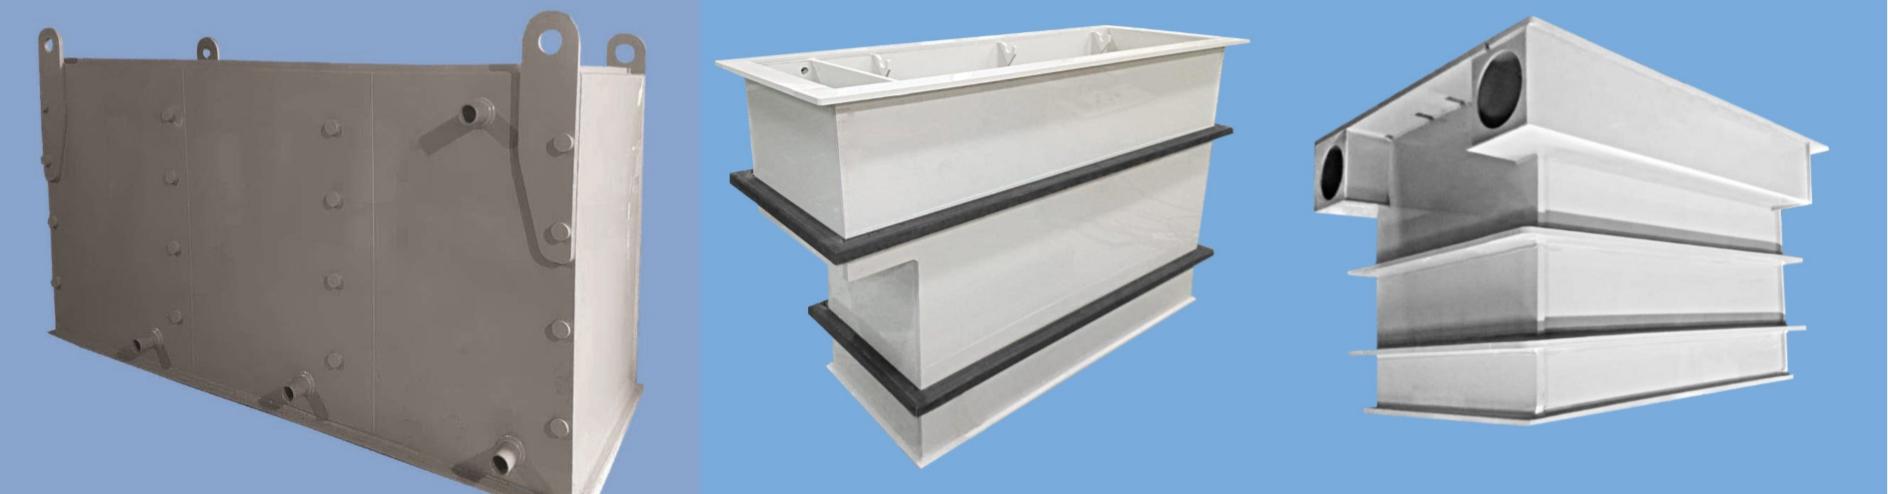 Емкости, ванны, воздухораспределители, корпуса оборудования из химстойких материалов: полипропилена, полиэтилена, поливинилхлорида, поливинилденфторида, нержавеющей стали и титана